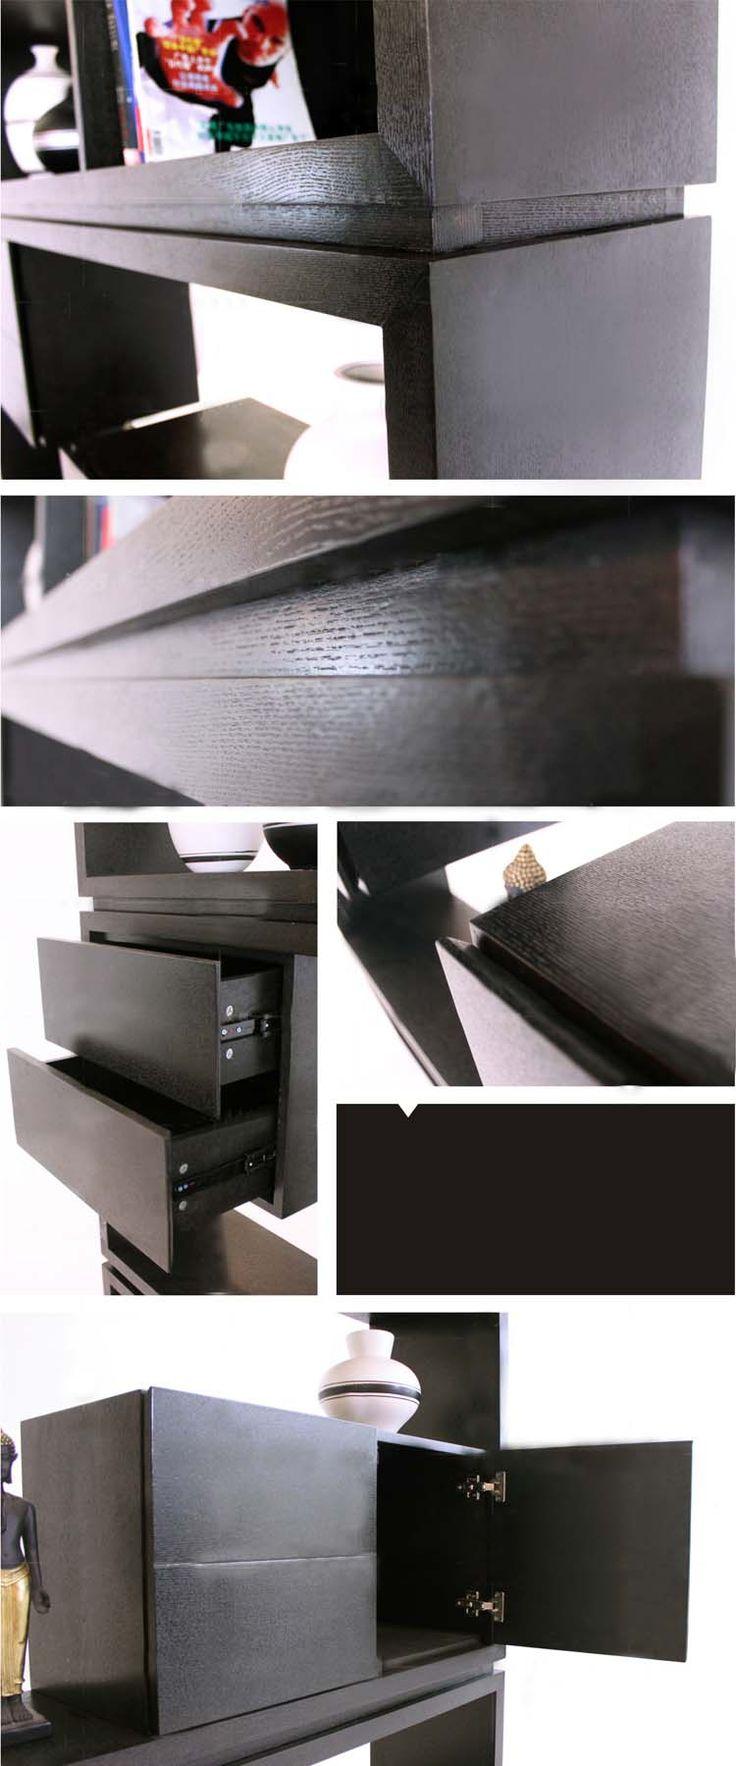 Черный книжный шкаф в стиле модерн и минимализм купить в интернет-магазине https://lafred.ru/catalog/catalog/detail/23300656092/